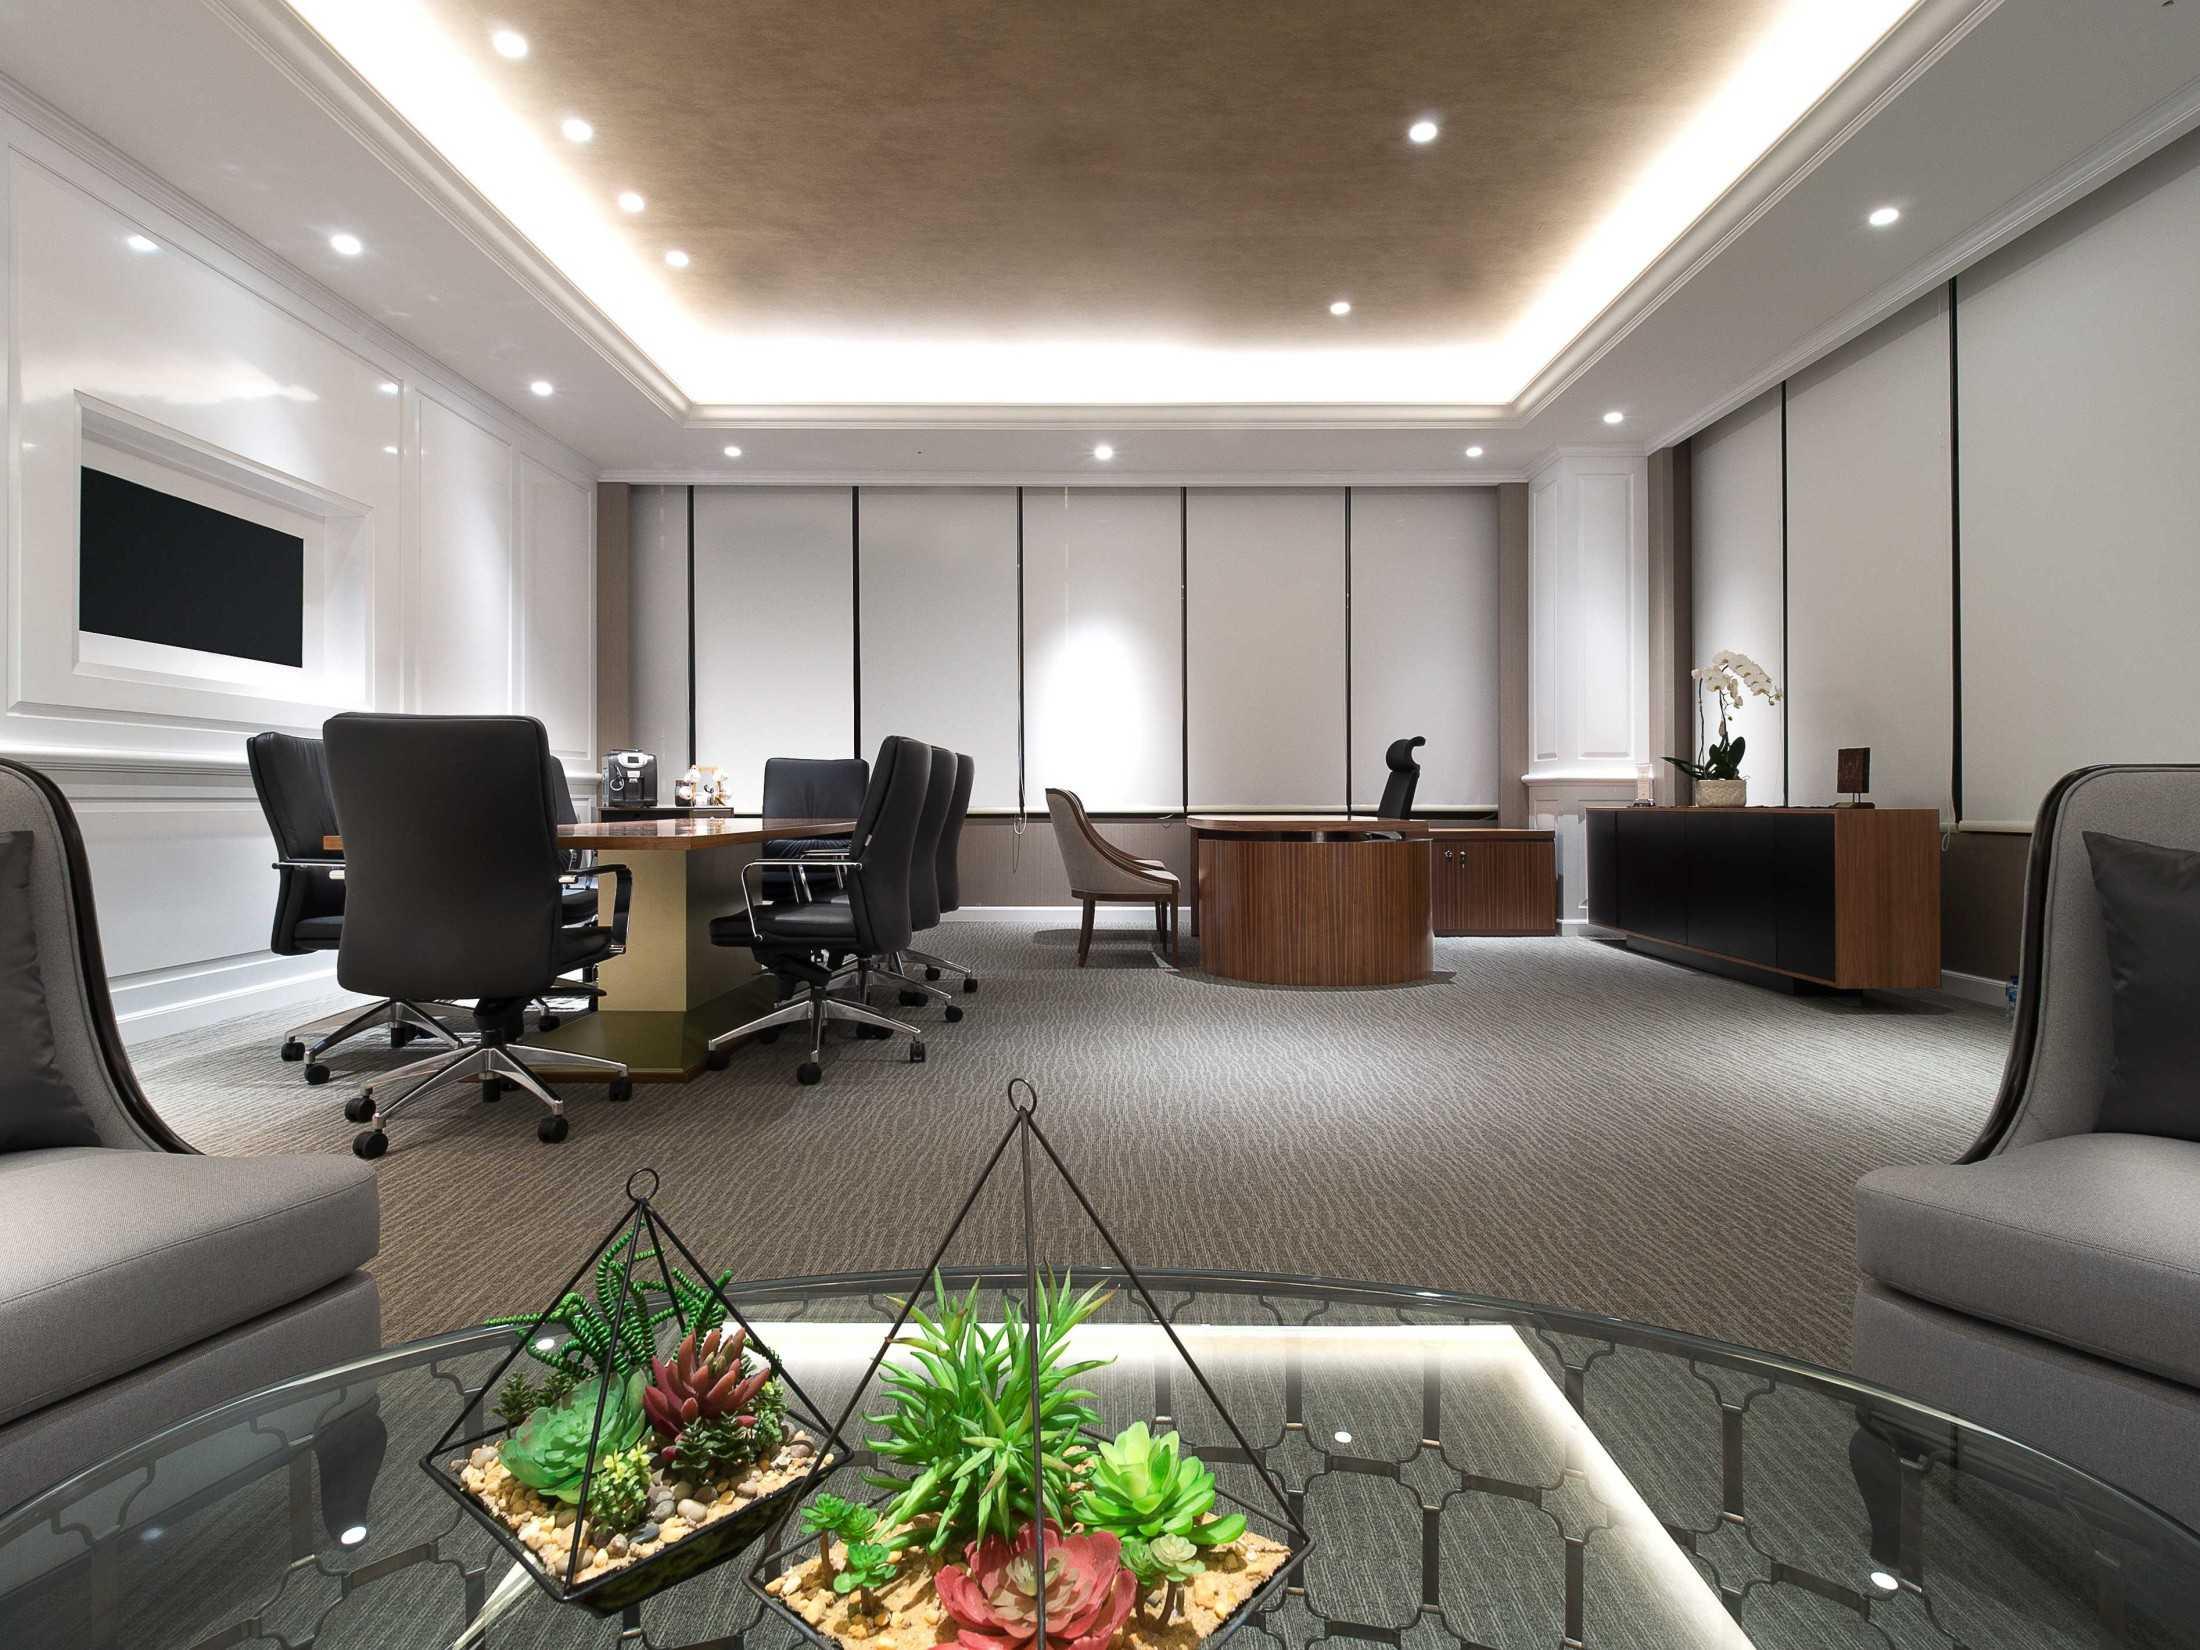 Jasa Interior Desainer Insada Integrated Design Team di Jakarta Timur